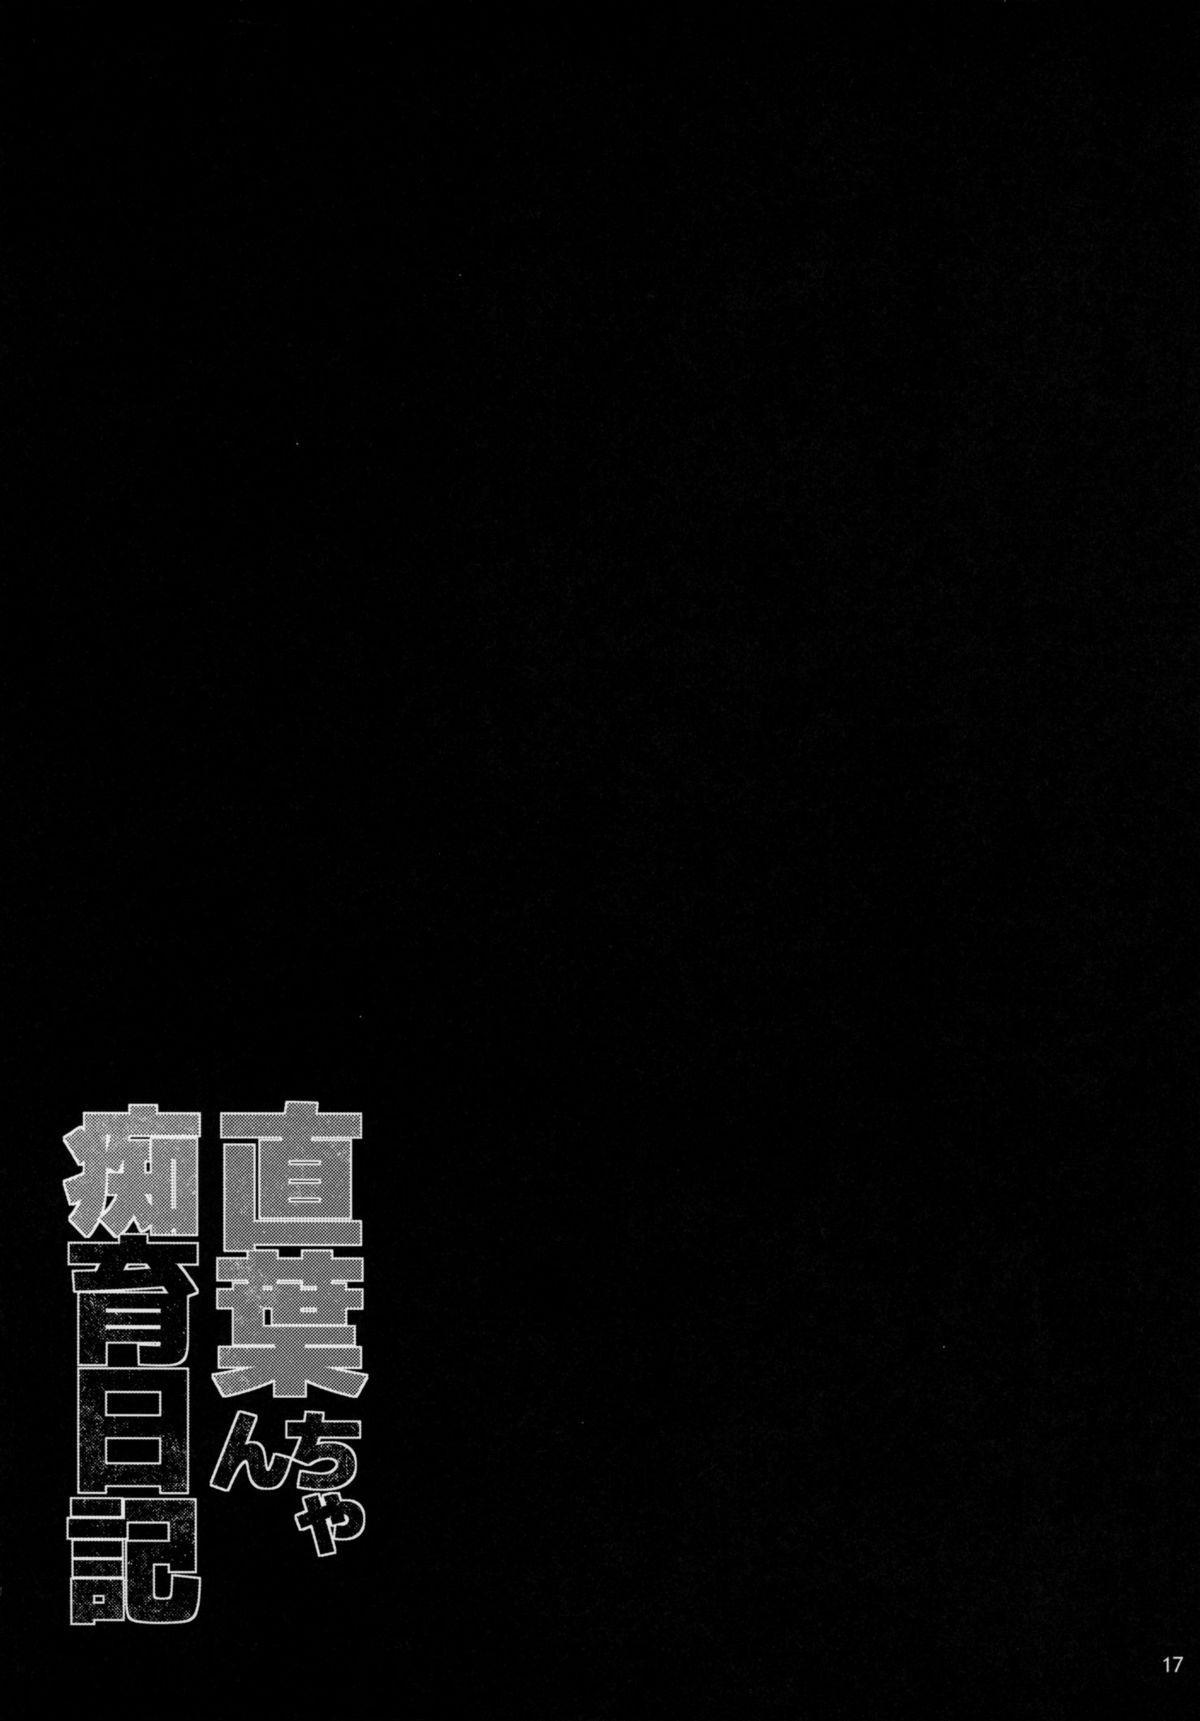 Suguha-chan Chiiku Nikki 17